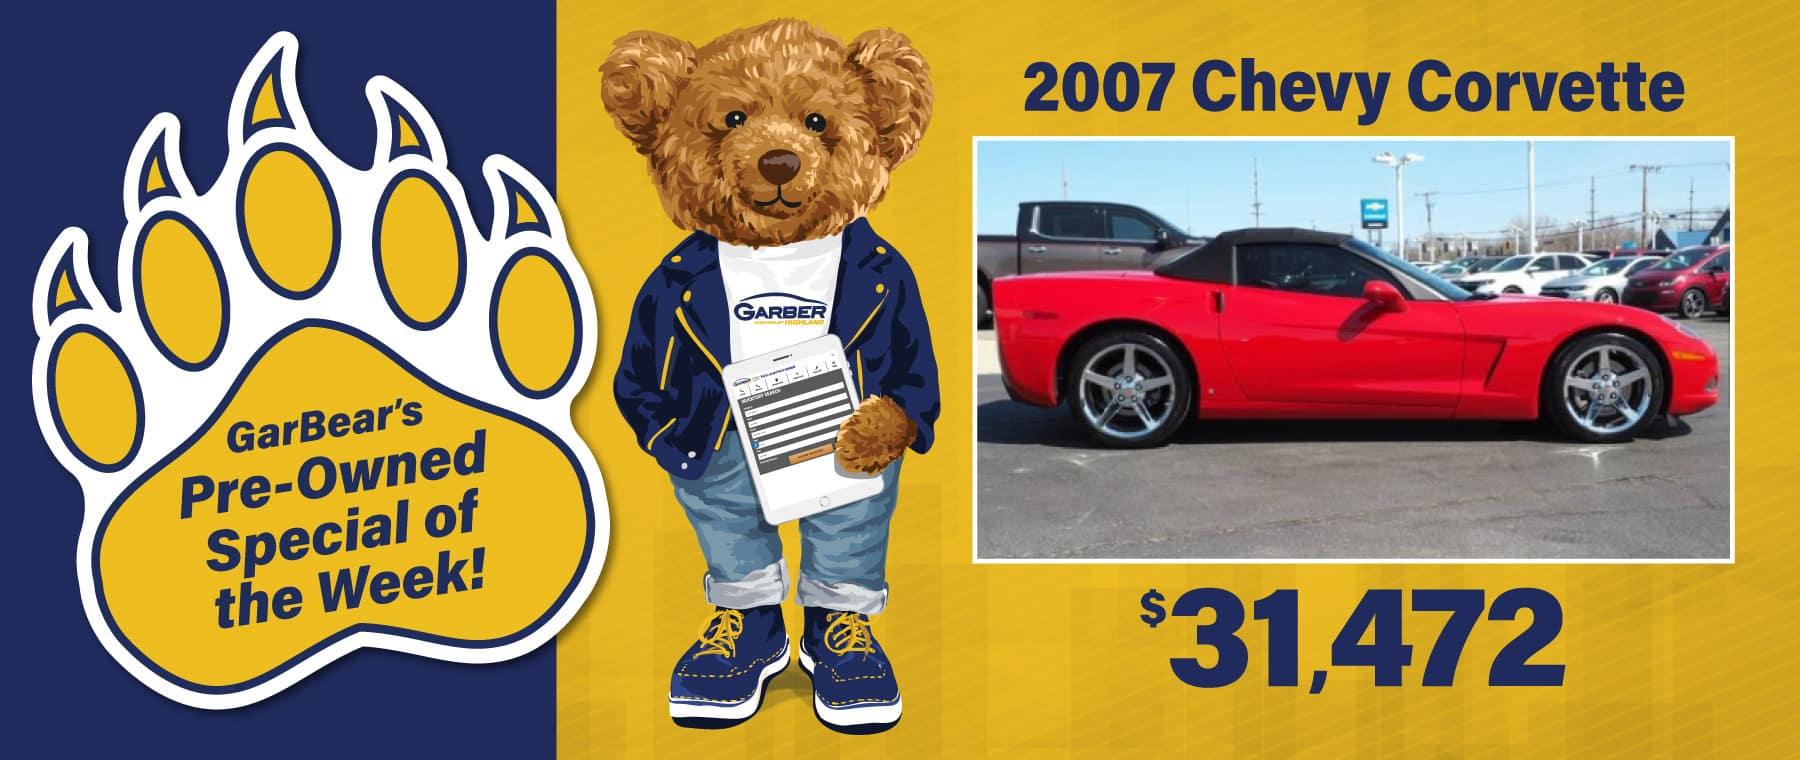 2007 Chevy Corvette $31472